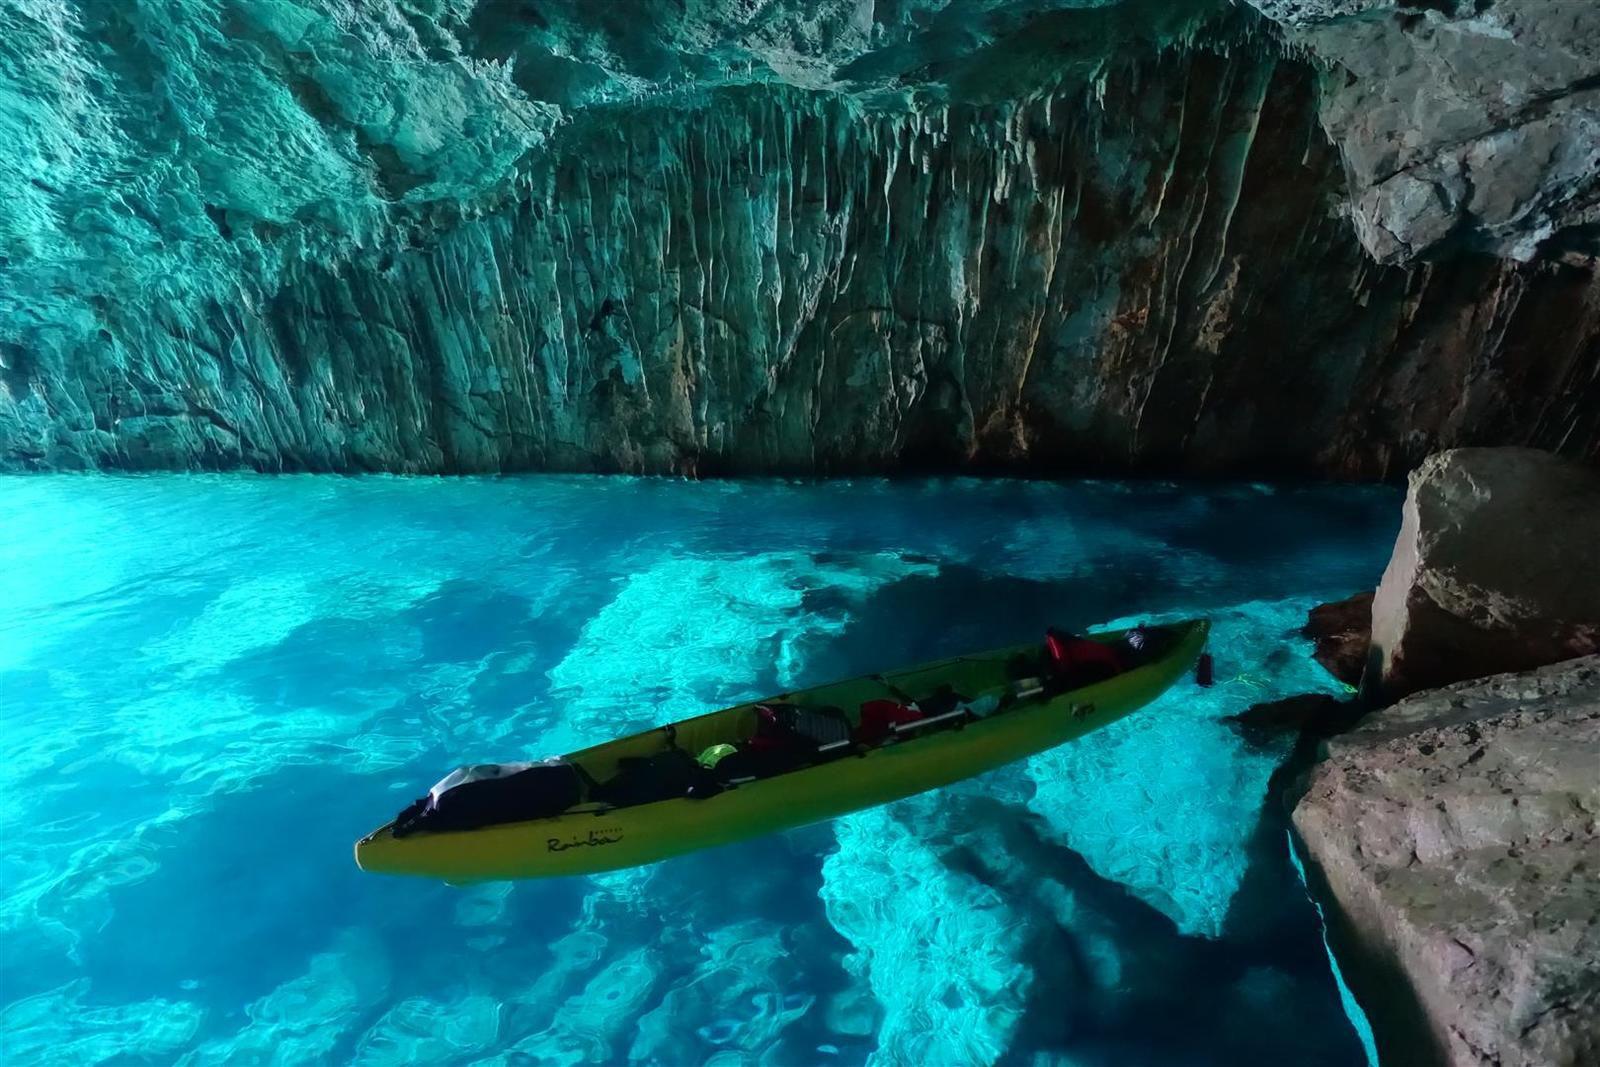 dans la bien-nommée grotte bleue